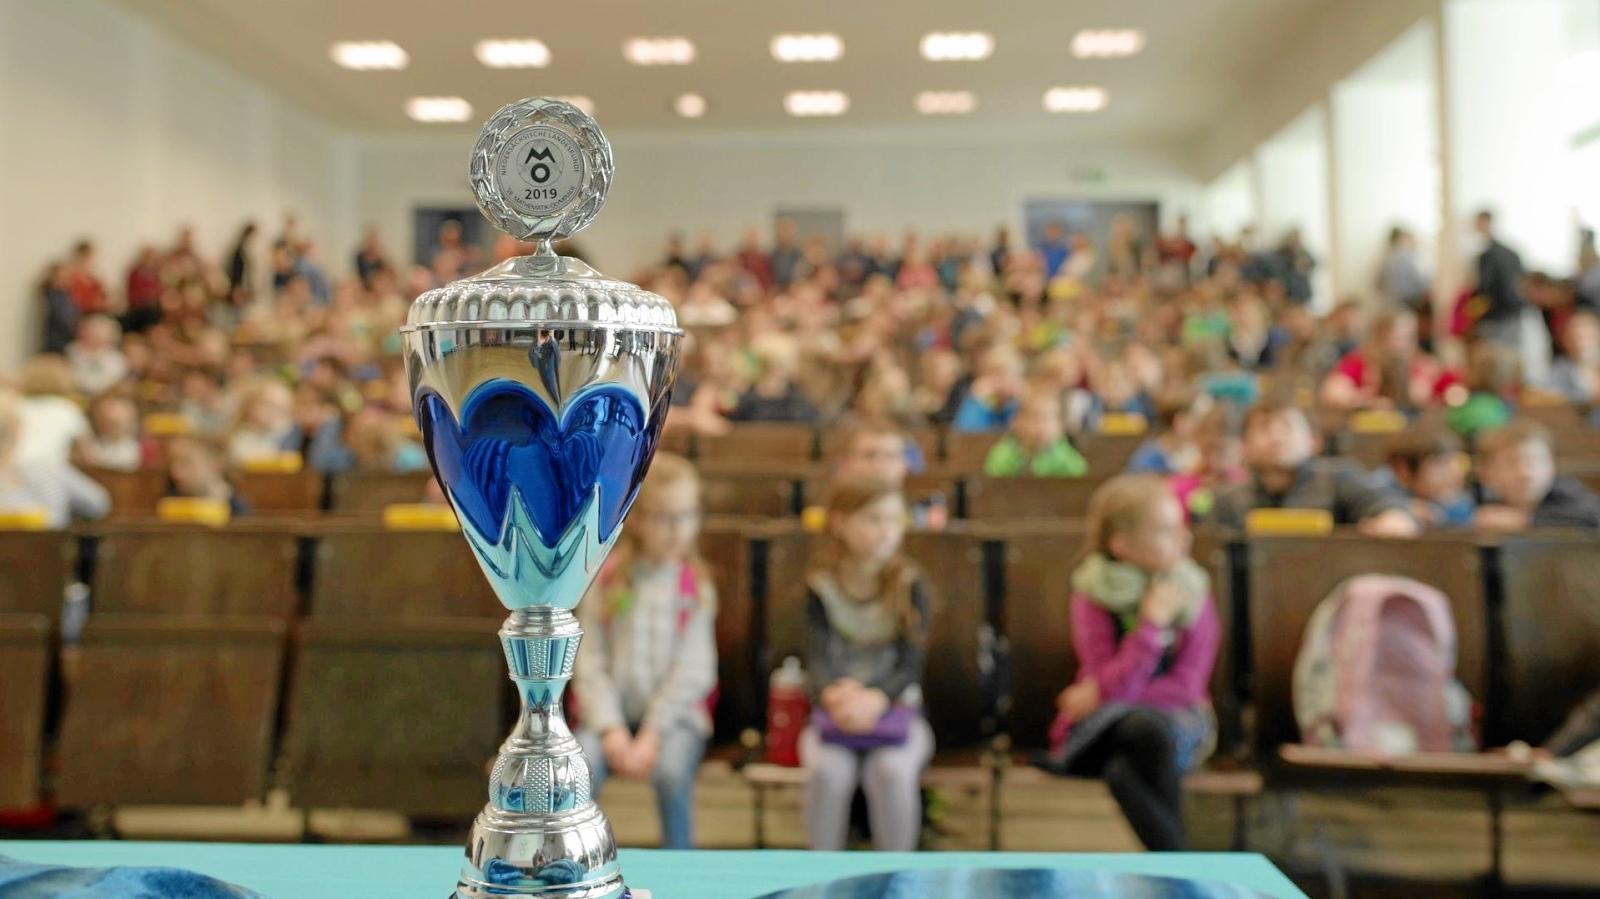 Landesrunde der Mathematikolympiade für Grundschulen in Braunschweig startet durch mit neuem Steuermann